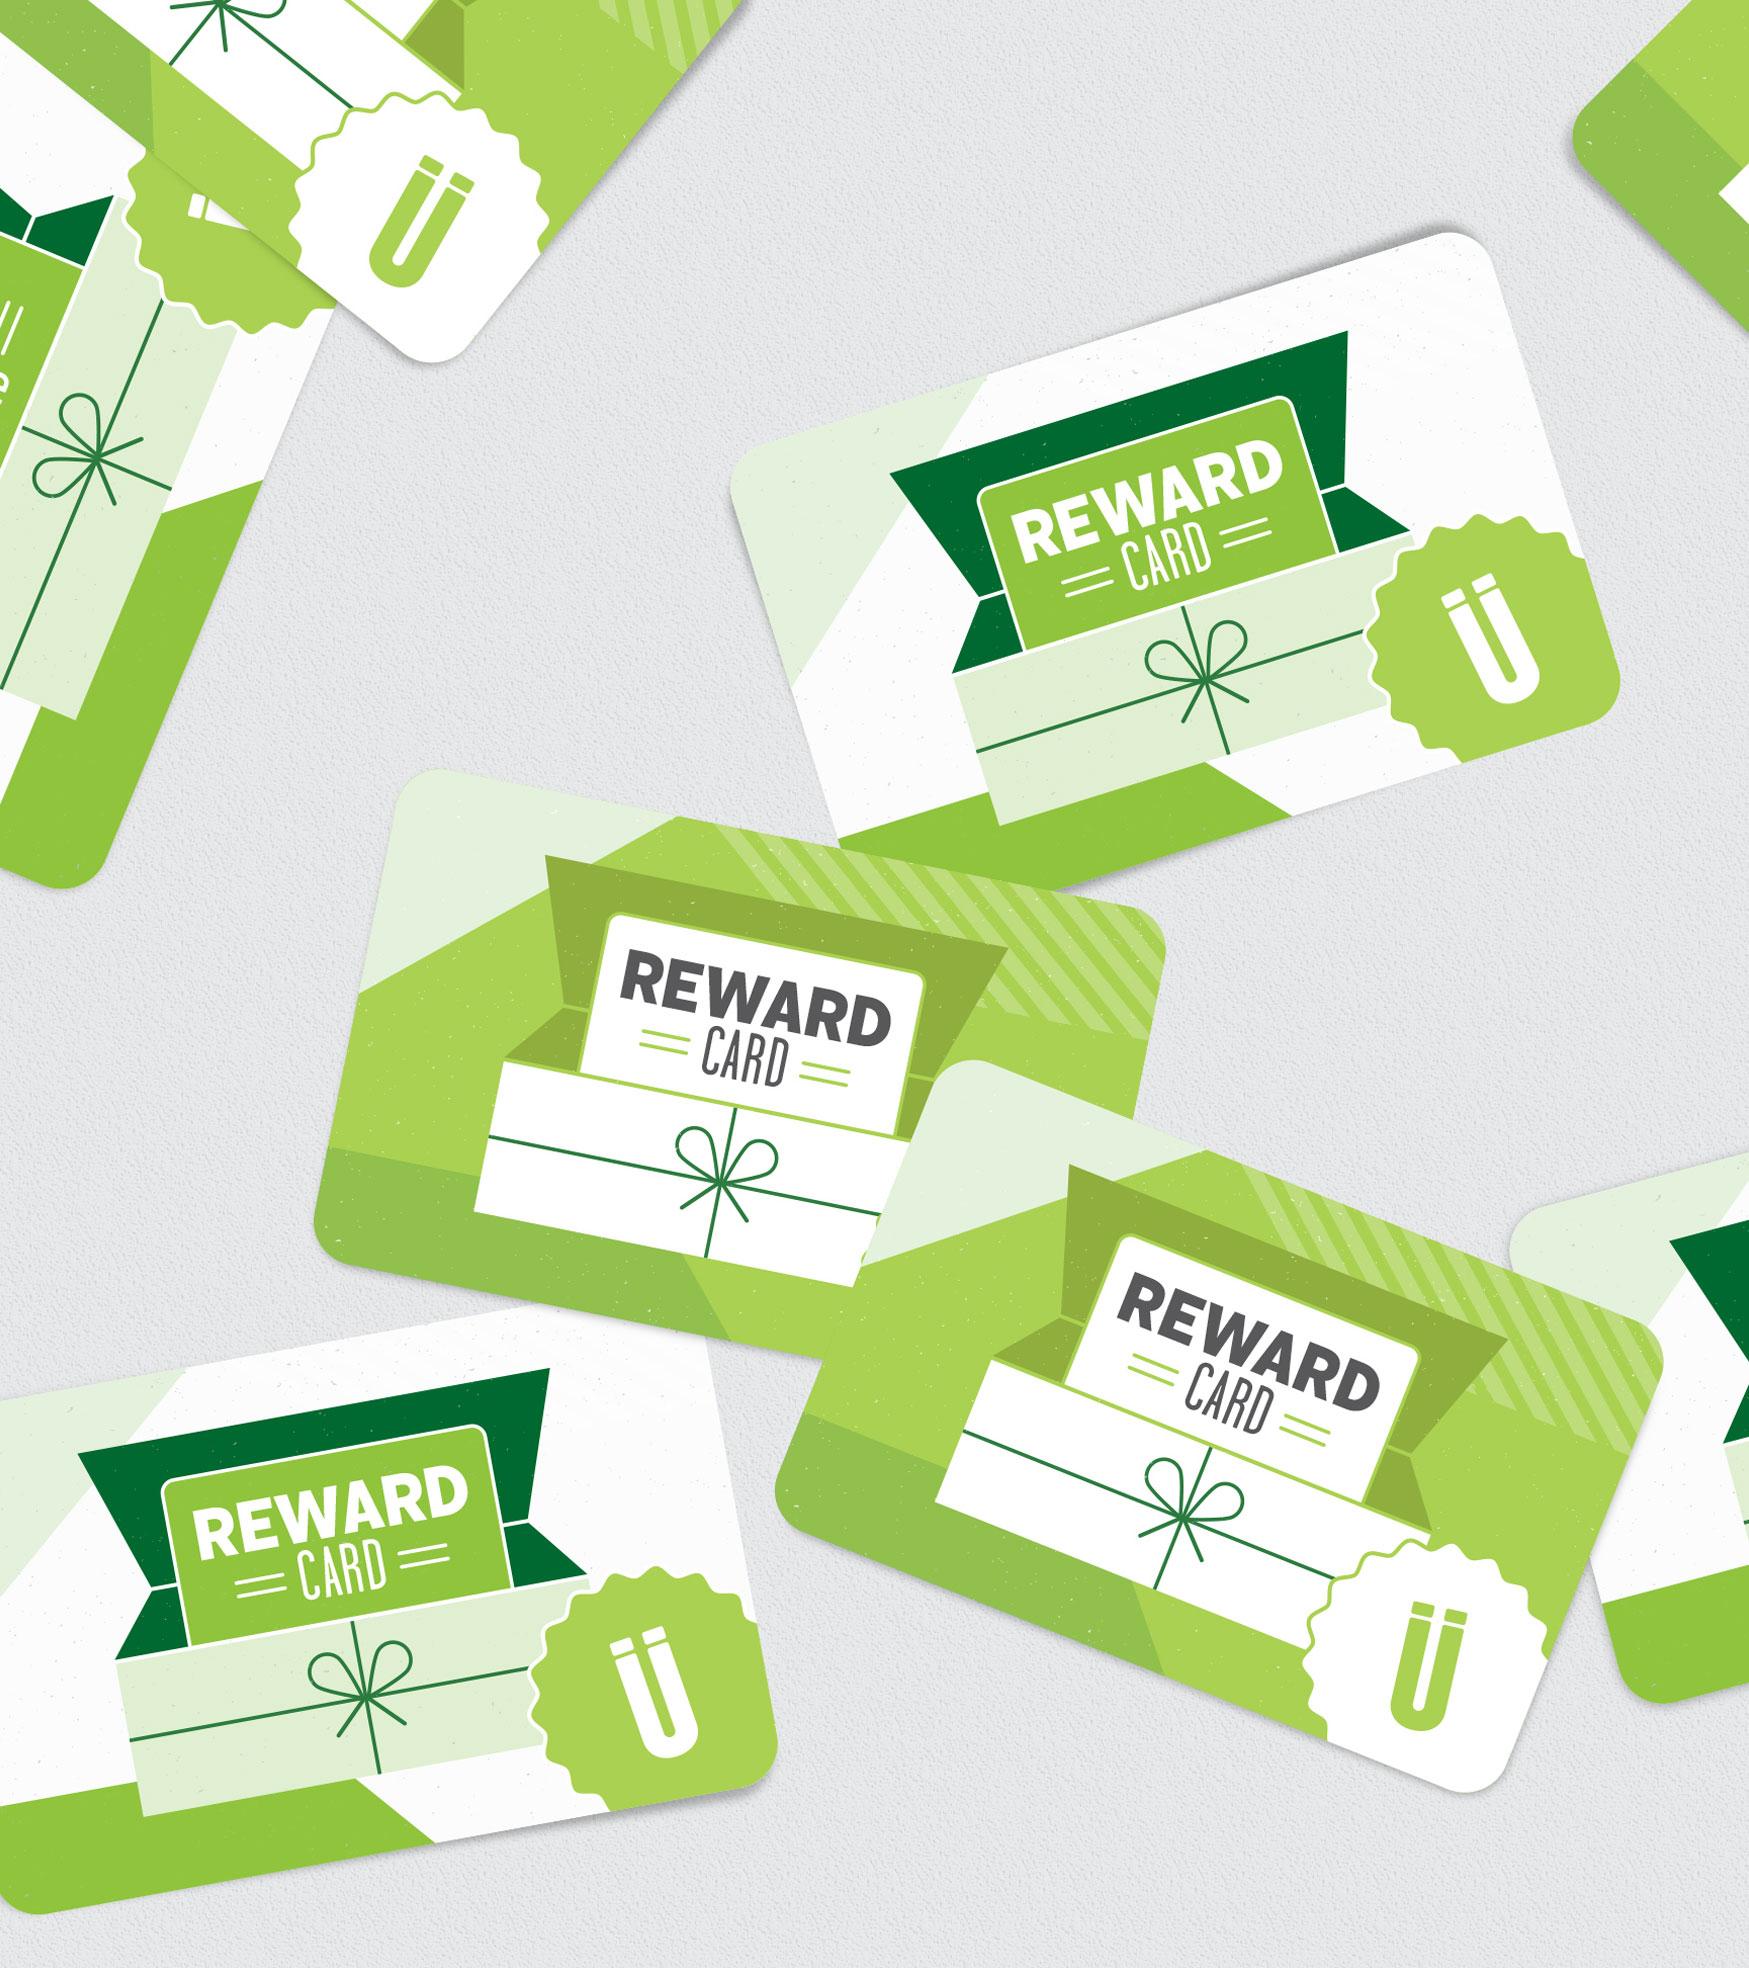 Uberrito fast-casual restaurant rewards